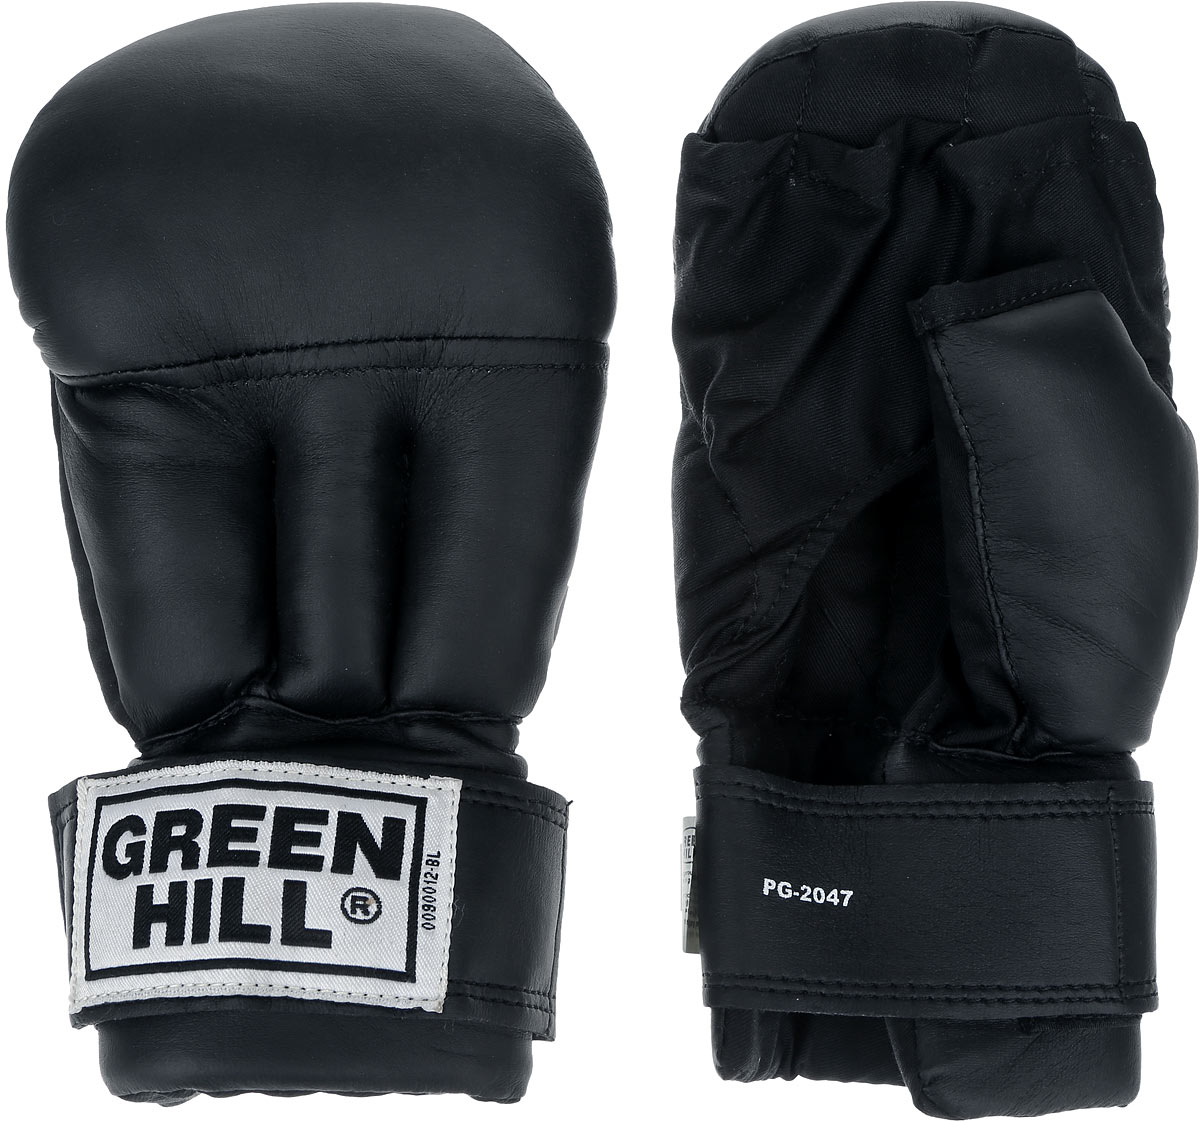 Перчатки для рукопашного боя Green Hill, цвет: черный, белый. Размер XL. PG-2047BB1637Перчатки для рукопашного боя Green Hill произведены из высококачественной искусственной кожи. Подойдут для занятий смешанными единоборствами. Конструкция предусматривает открытые пальцы - необходимый атрибут для проведения захватов. Манжеты на липучках позволяют быстро снимать и надевать перчатки без каких-либо неудобств.